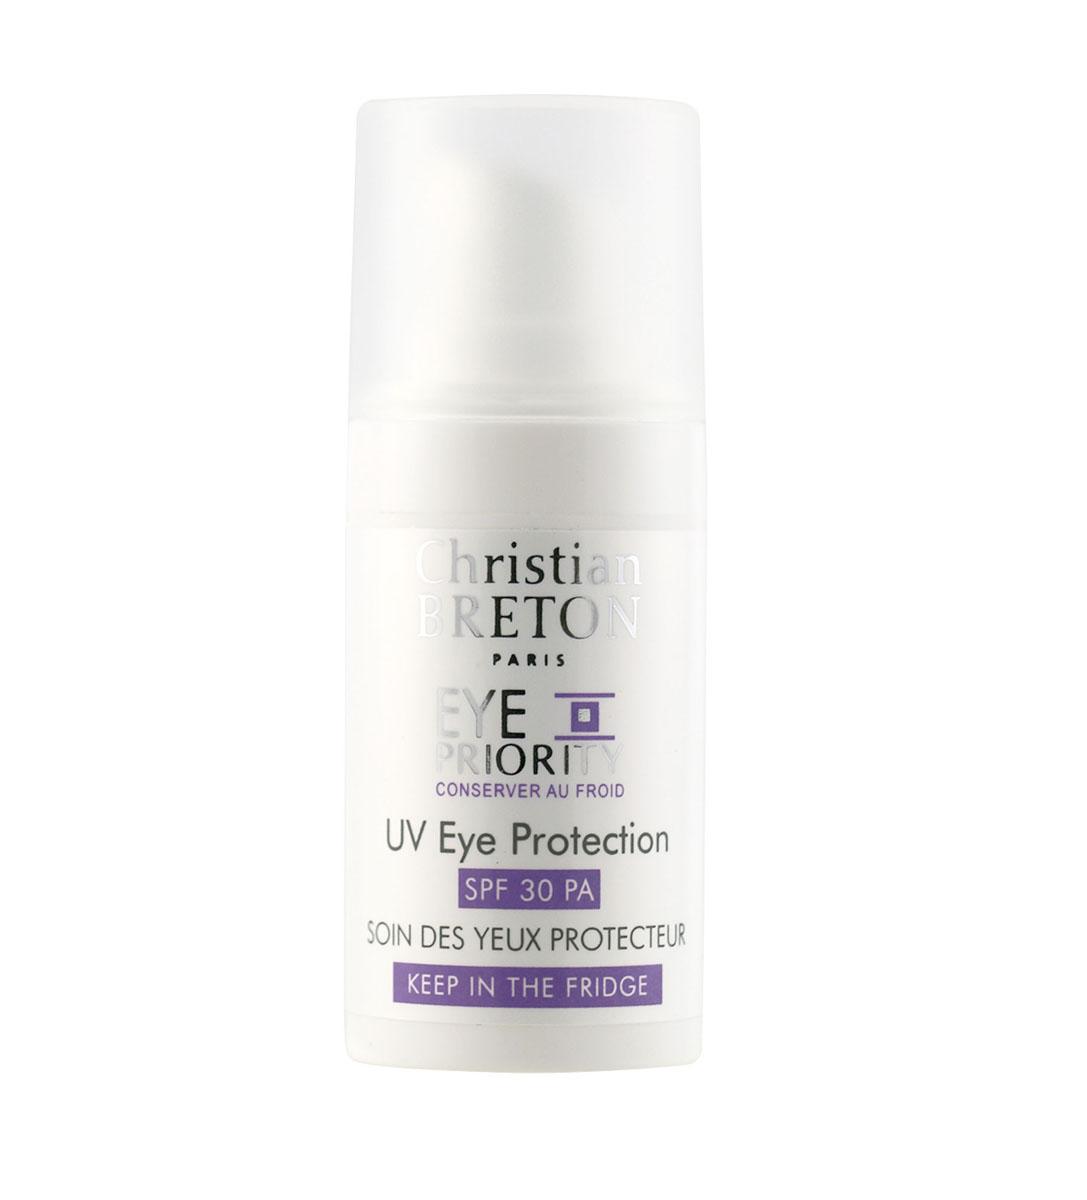 Christian Breton Крем защитный для кожи вокруг глаз SPF30 15 мл481109Специально разработанный крем для кожи вокруг глаз с превосходной защитой от солнечного излучения. Крем подтягивает кожу и разглаживает морщинки, блокирует негативные факторы окружающей среды и препятствует фотостарению.